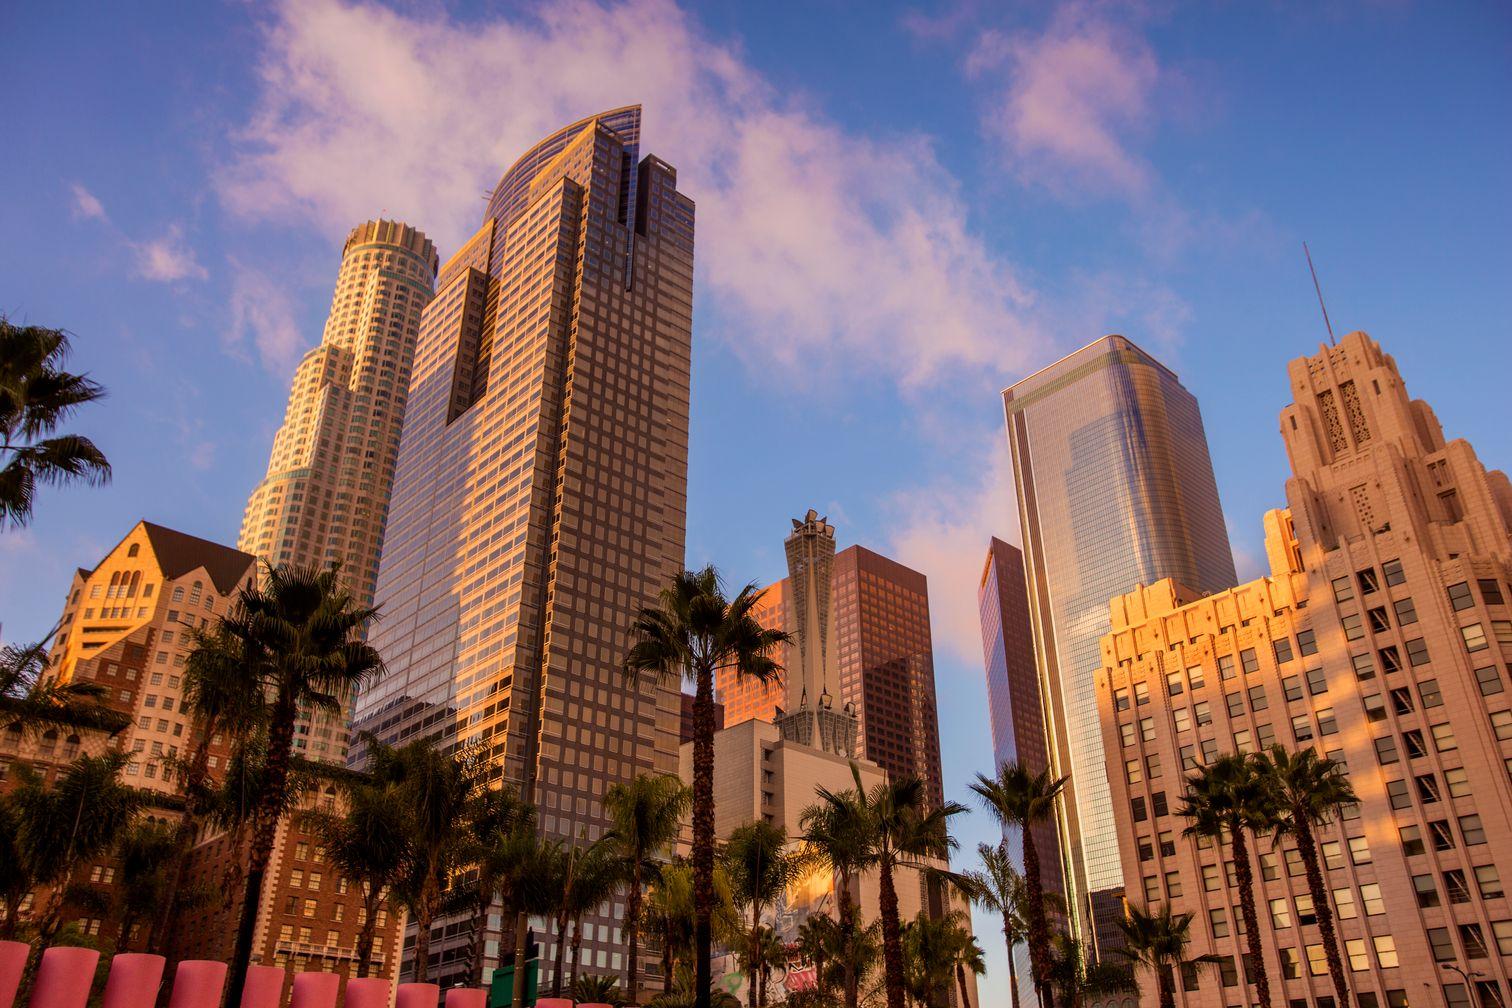 Ουρανοξύστες συνδυάζονται με φοινικόδεντρα στο κέντρο του Λος Άντζελες